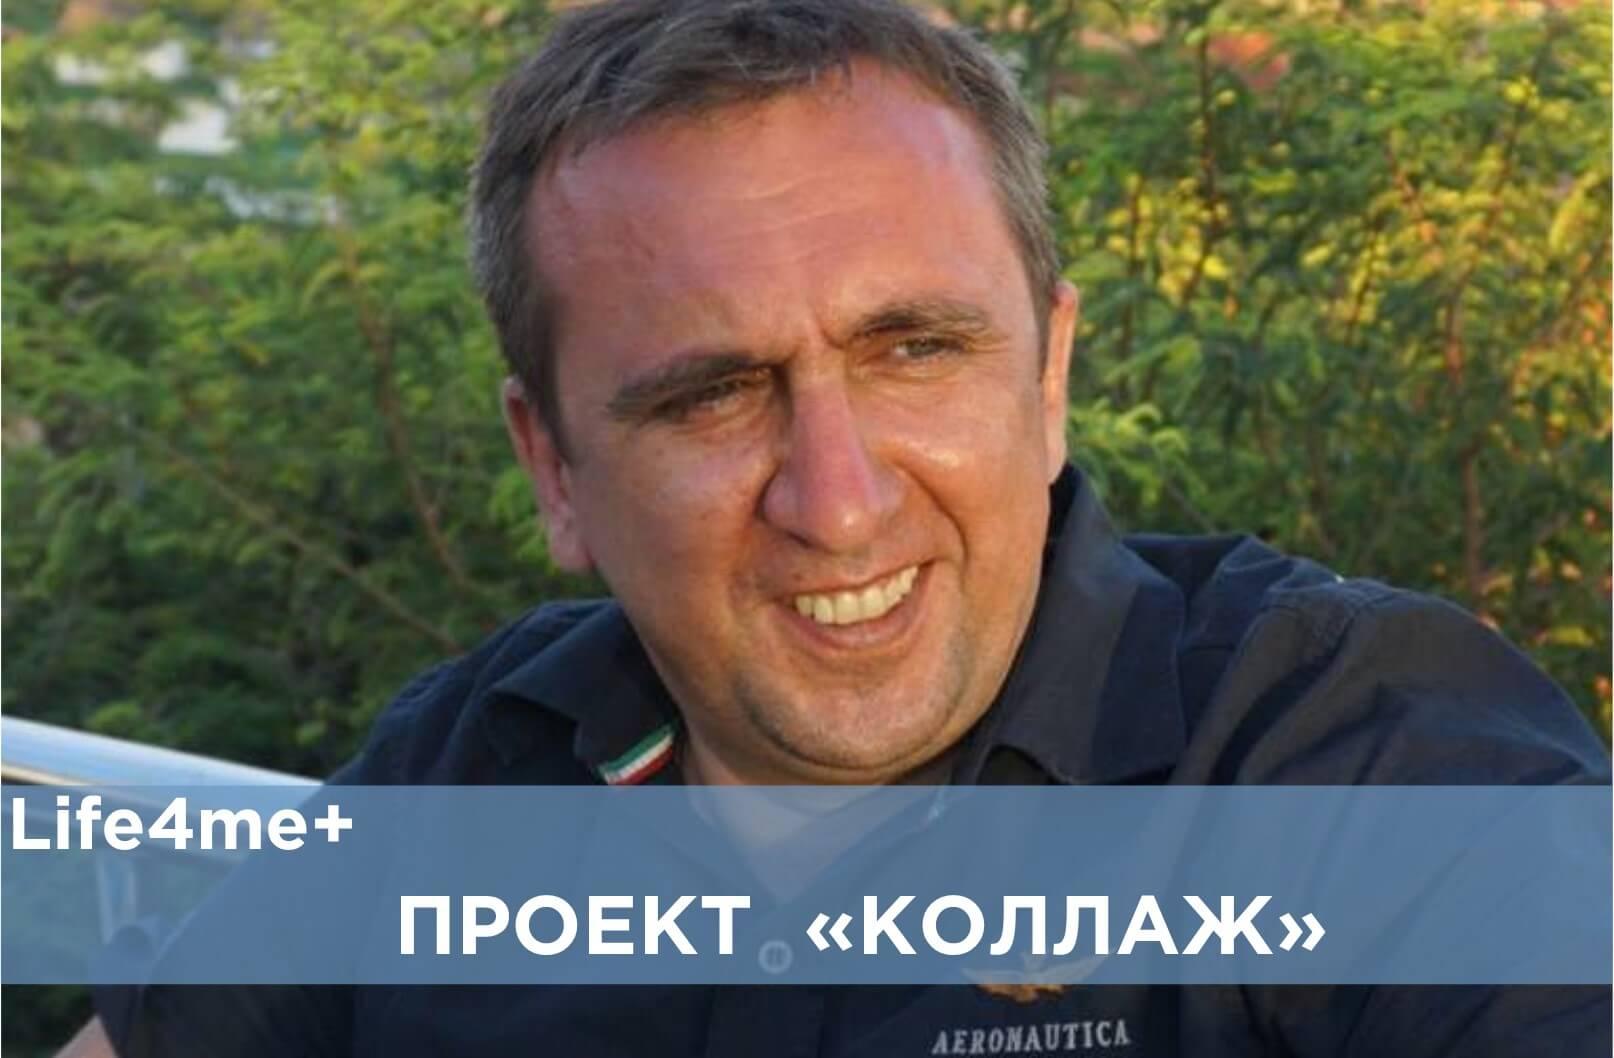 """Коллаж: """"Обещали найти и создать невыносимые условия жизни"""", - Владислав Тезиков"""